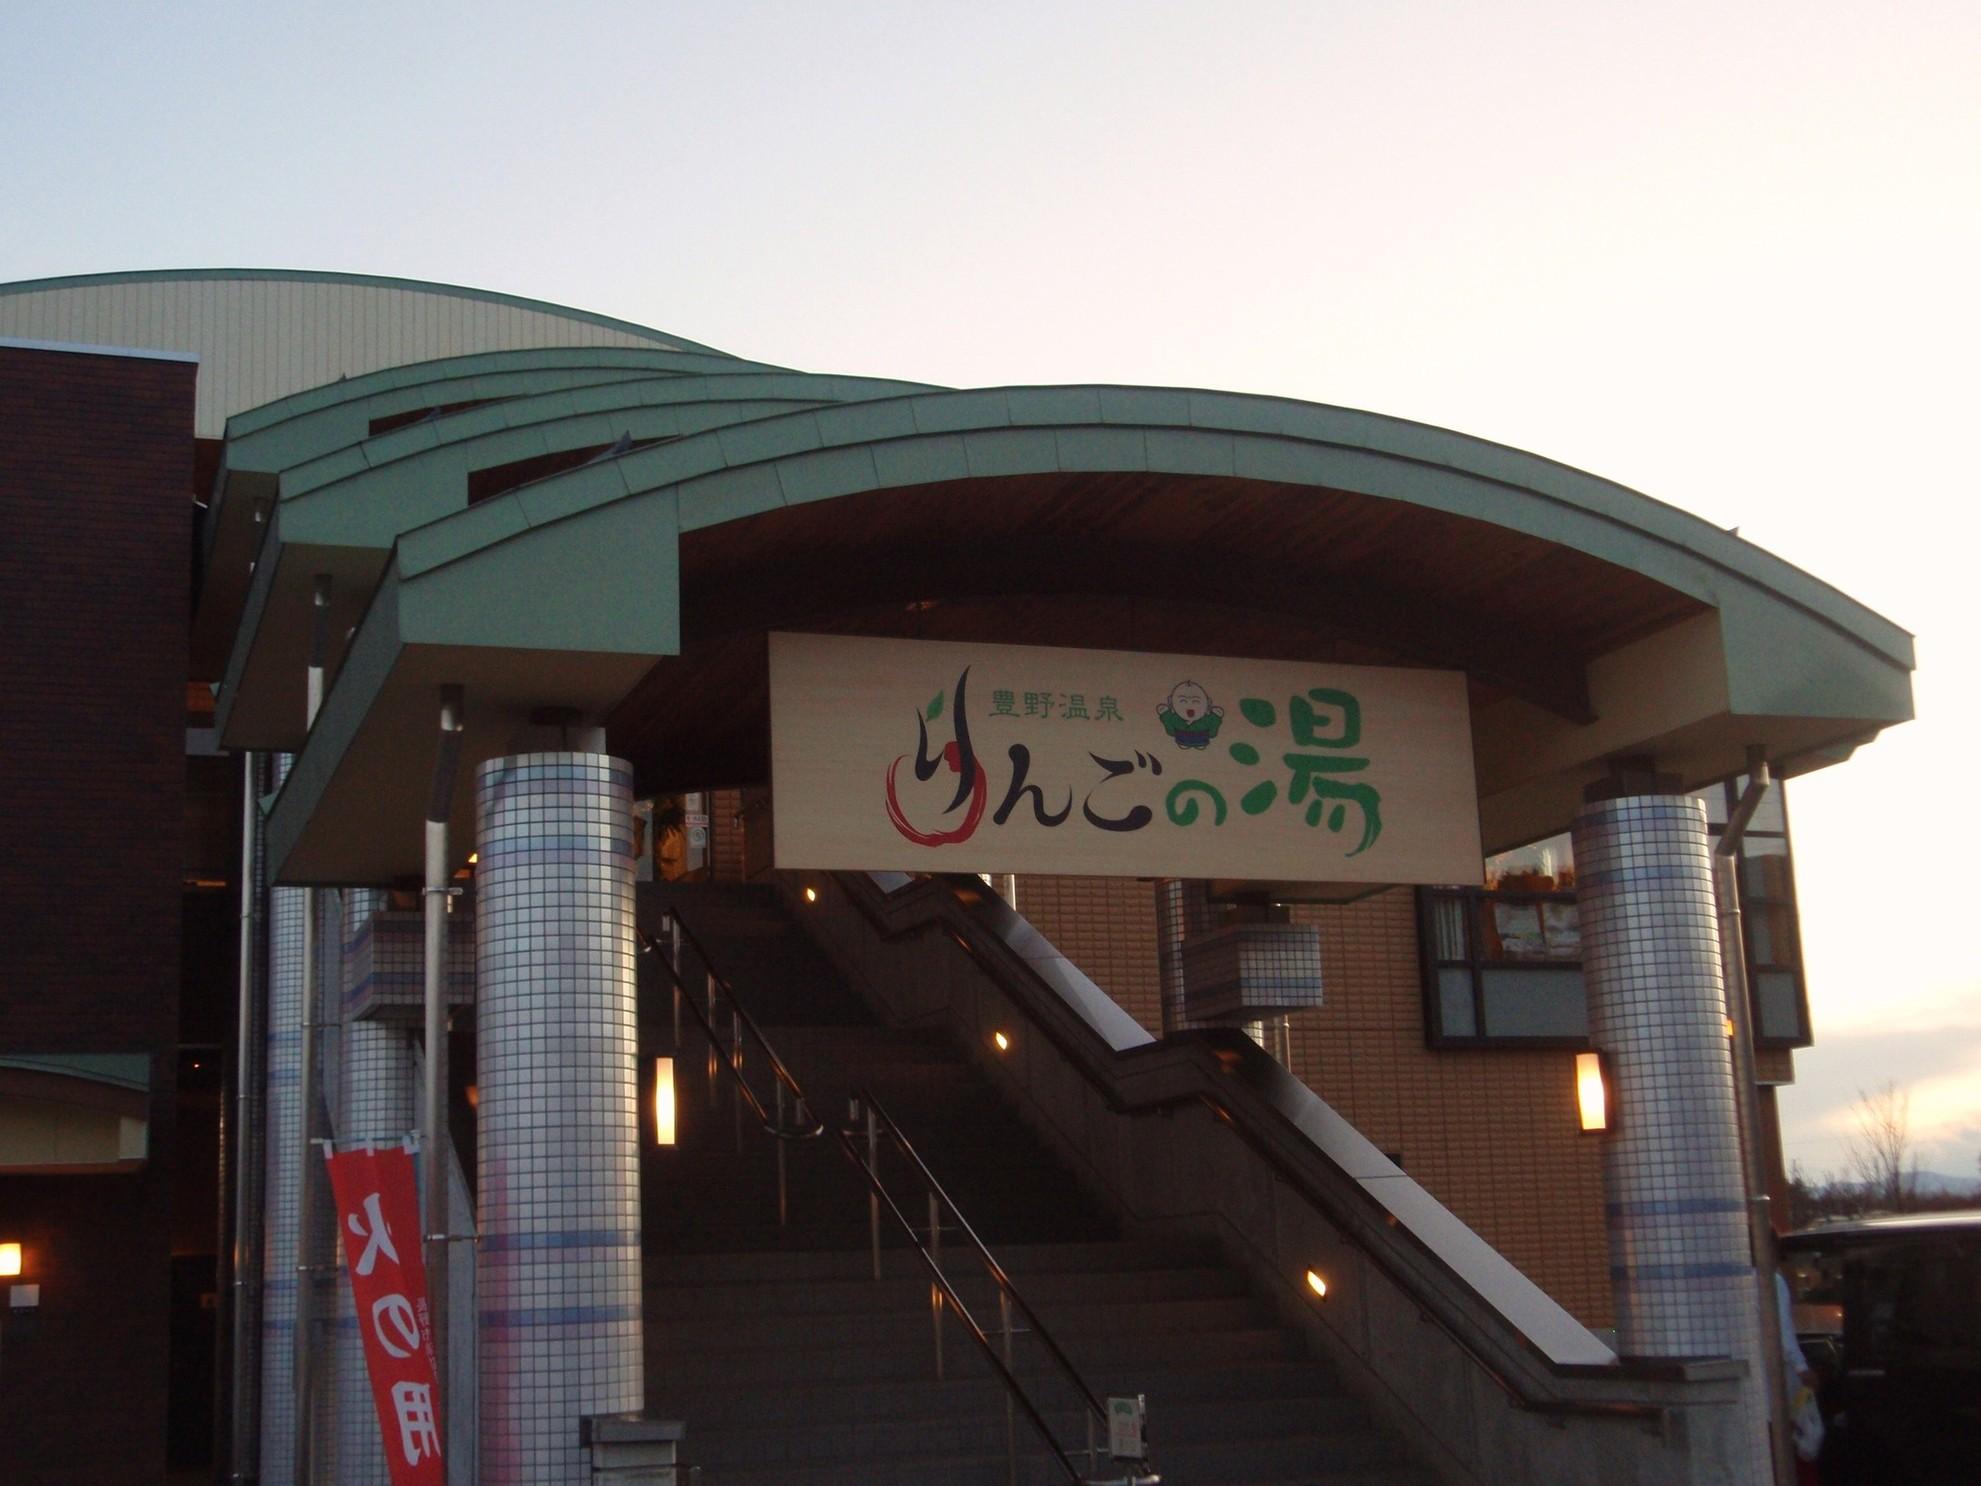 豊野温泉りんごの湯 name=